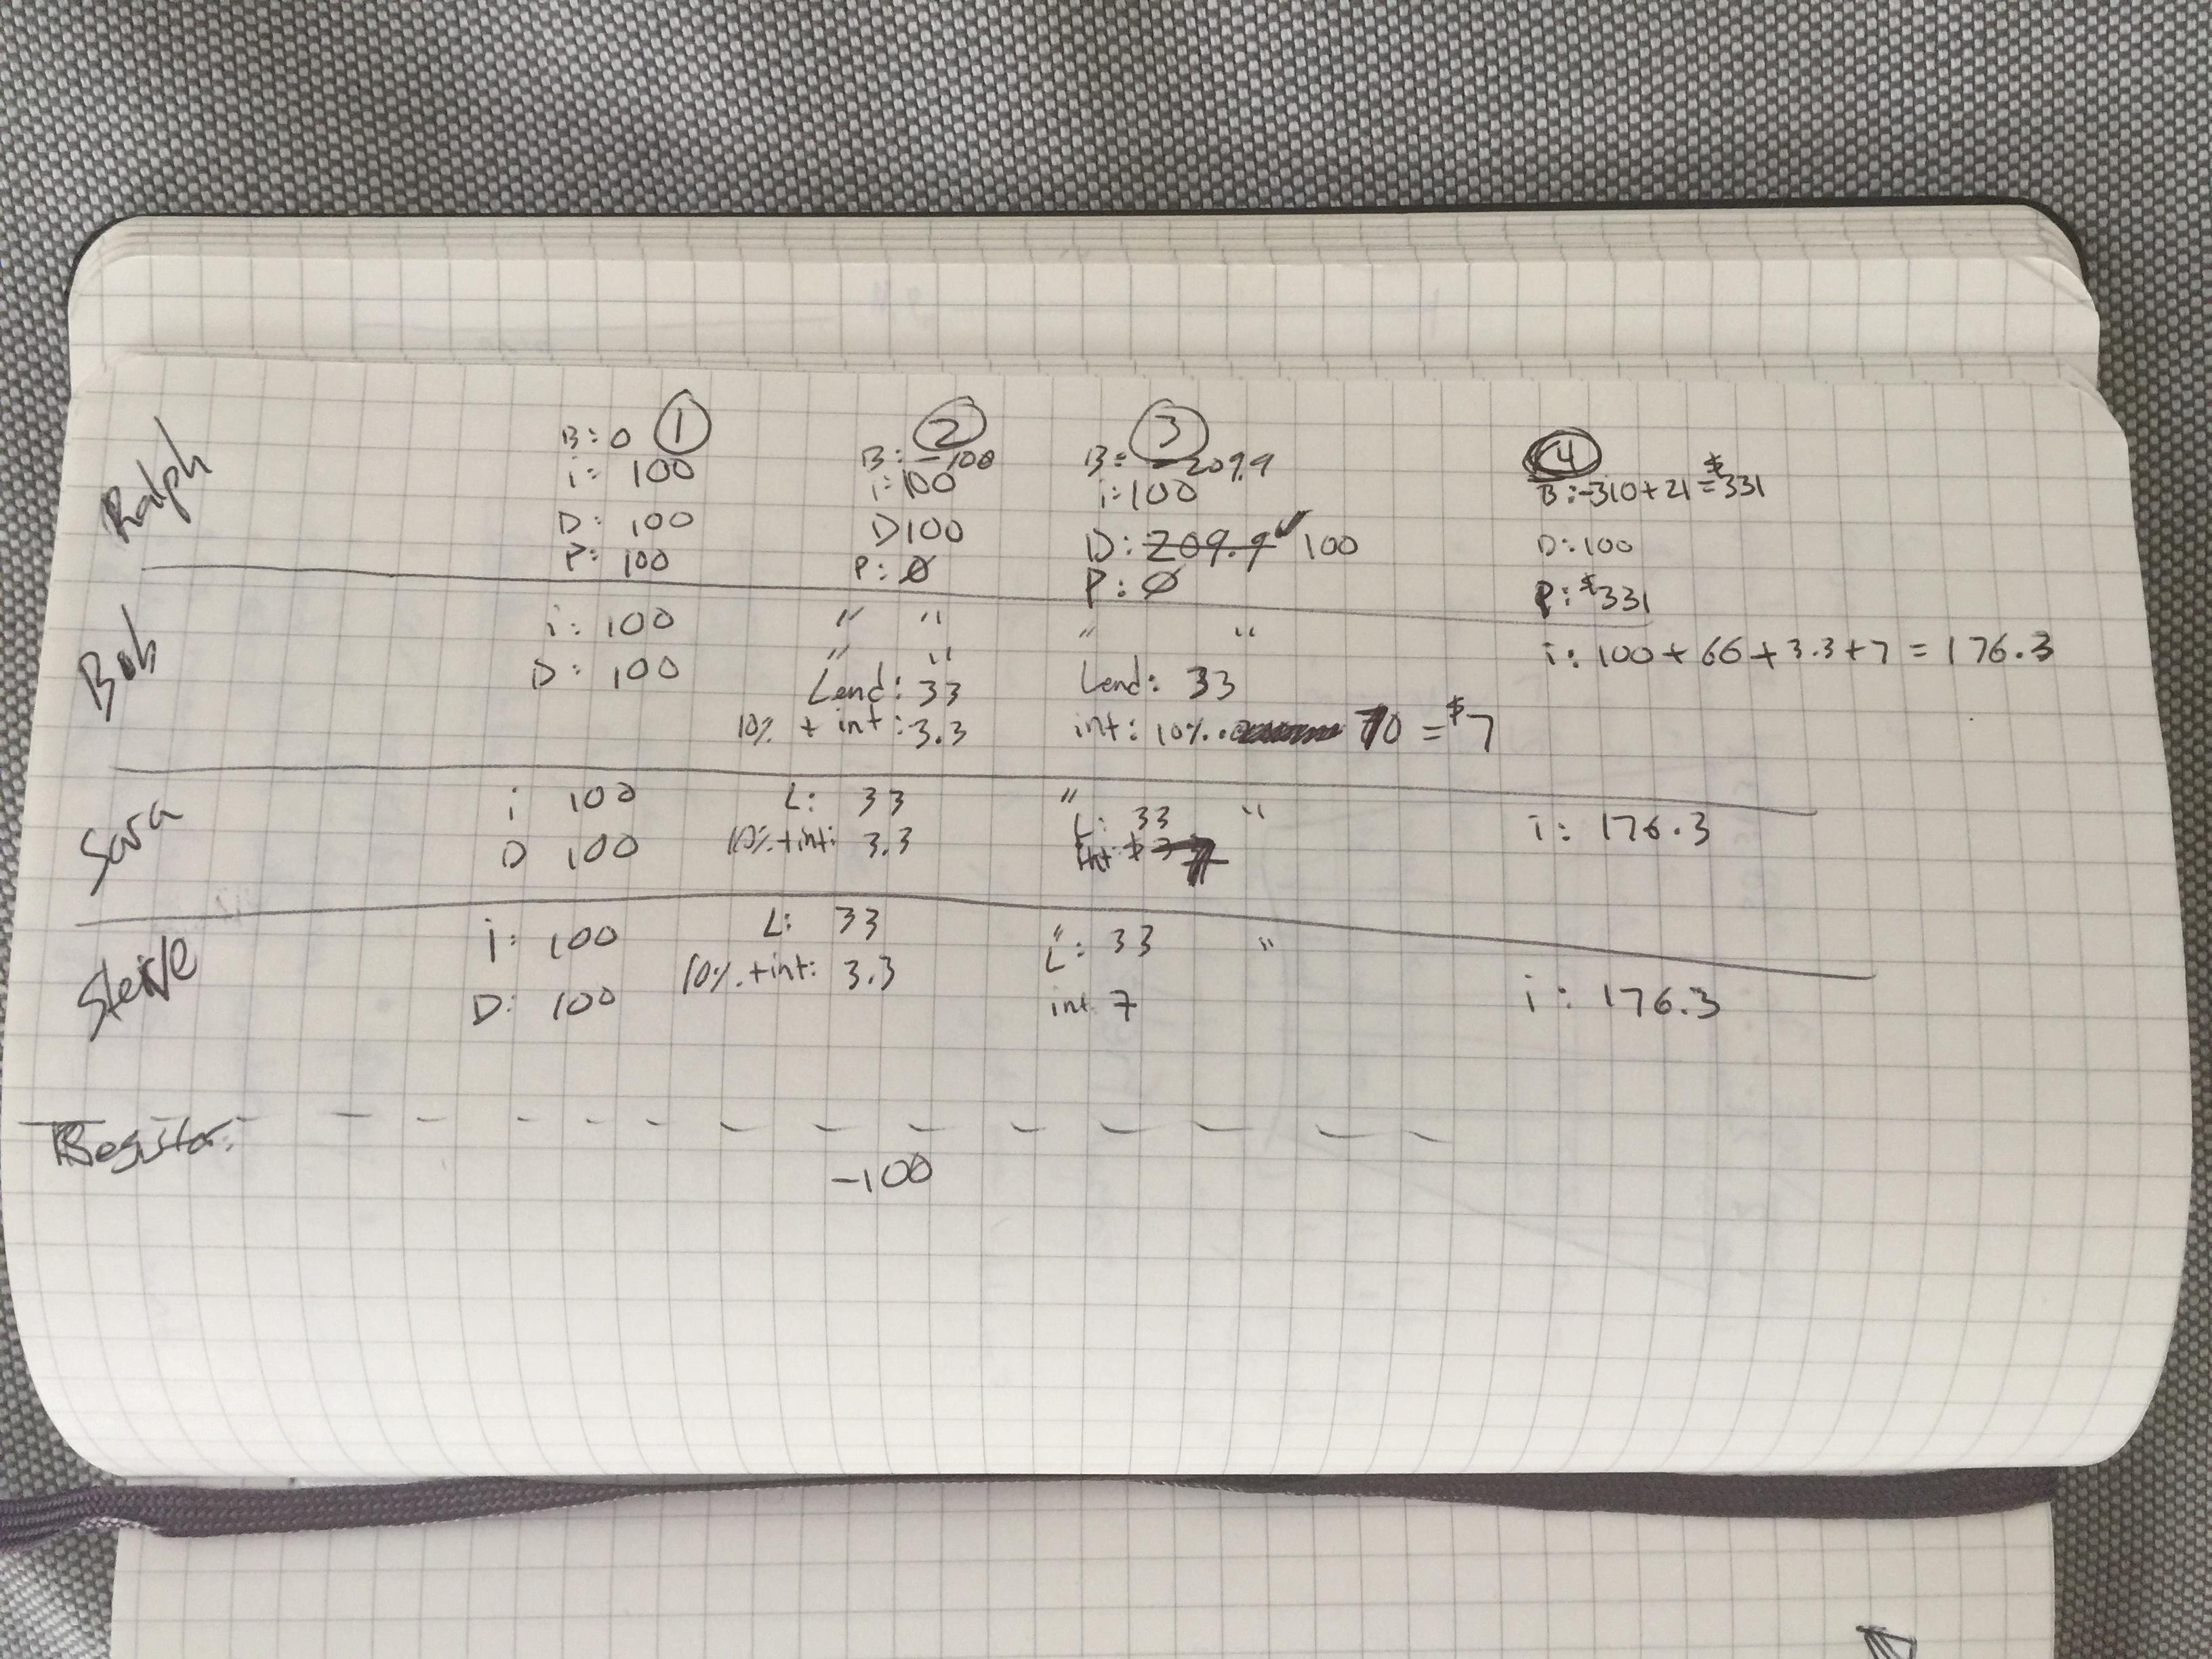 base income sketch